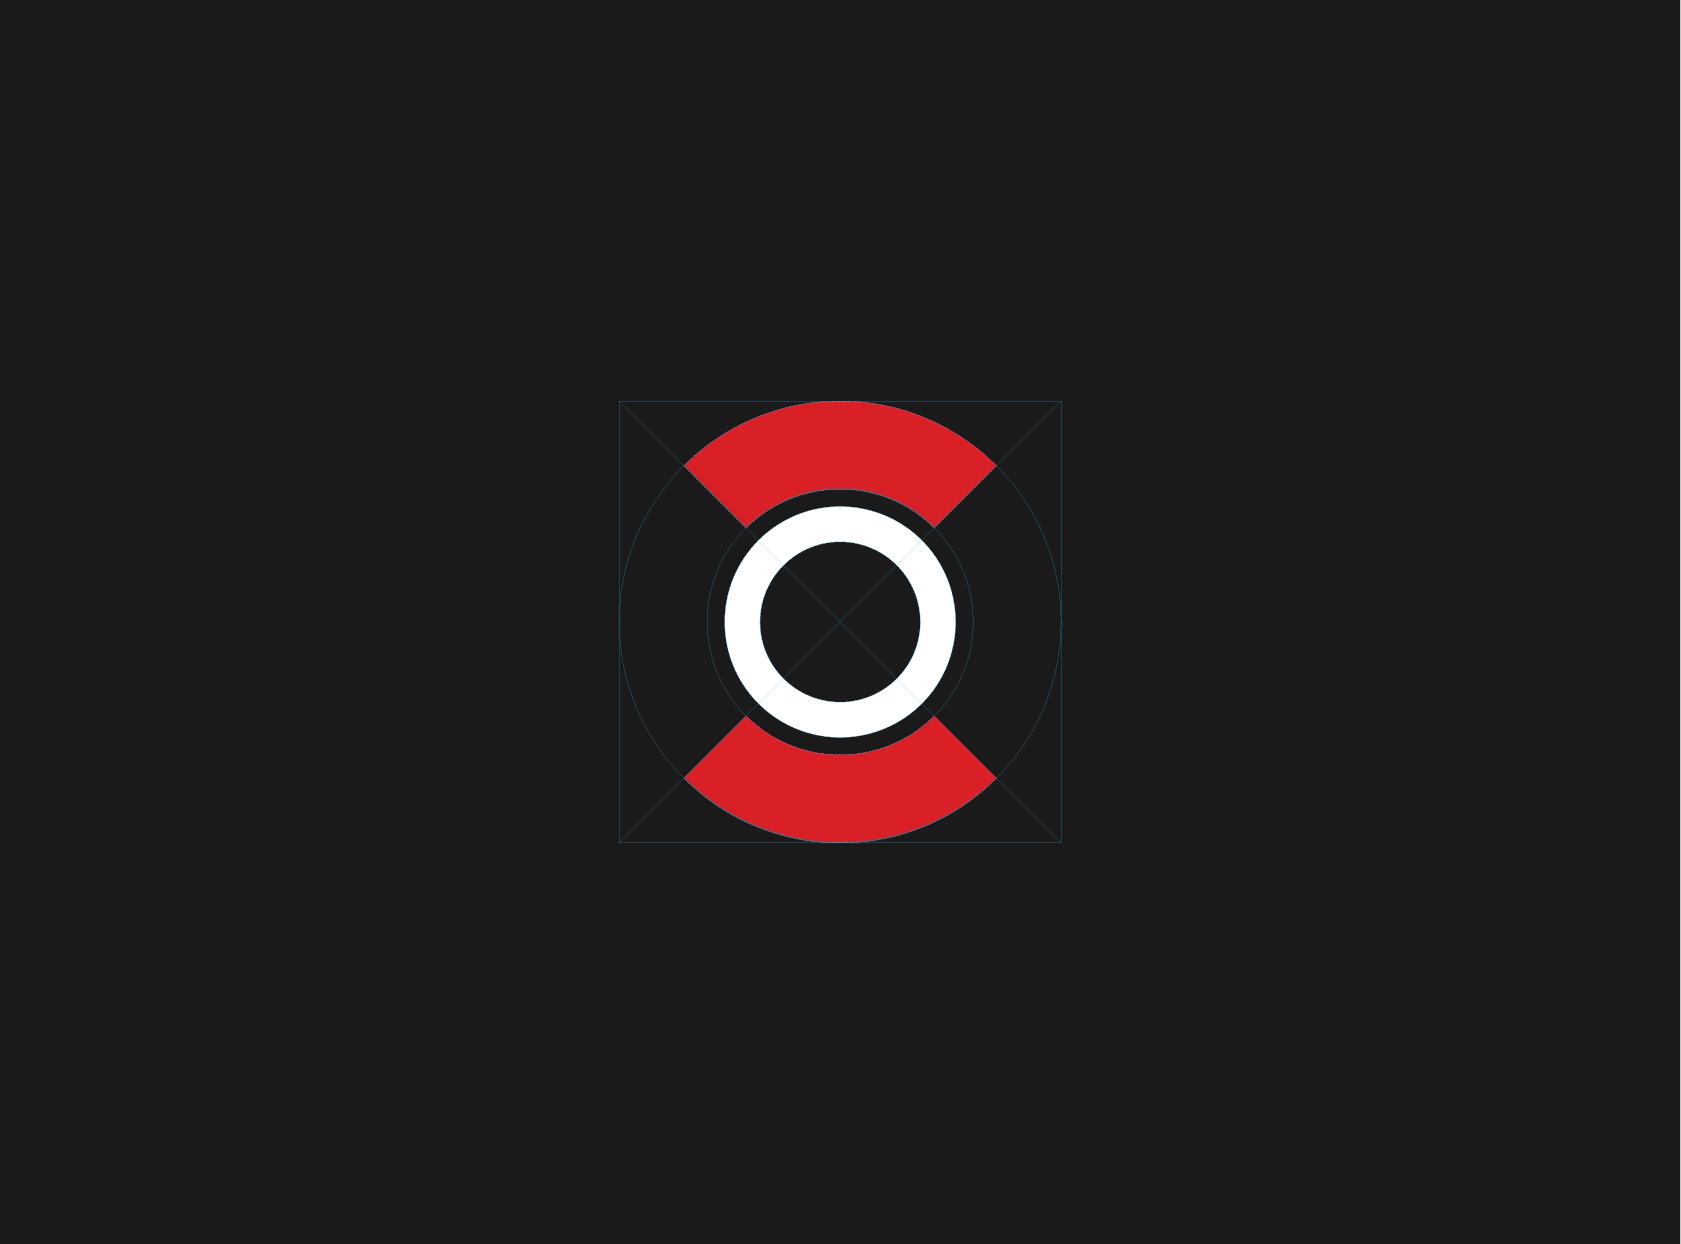 Logo design for Osbit